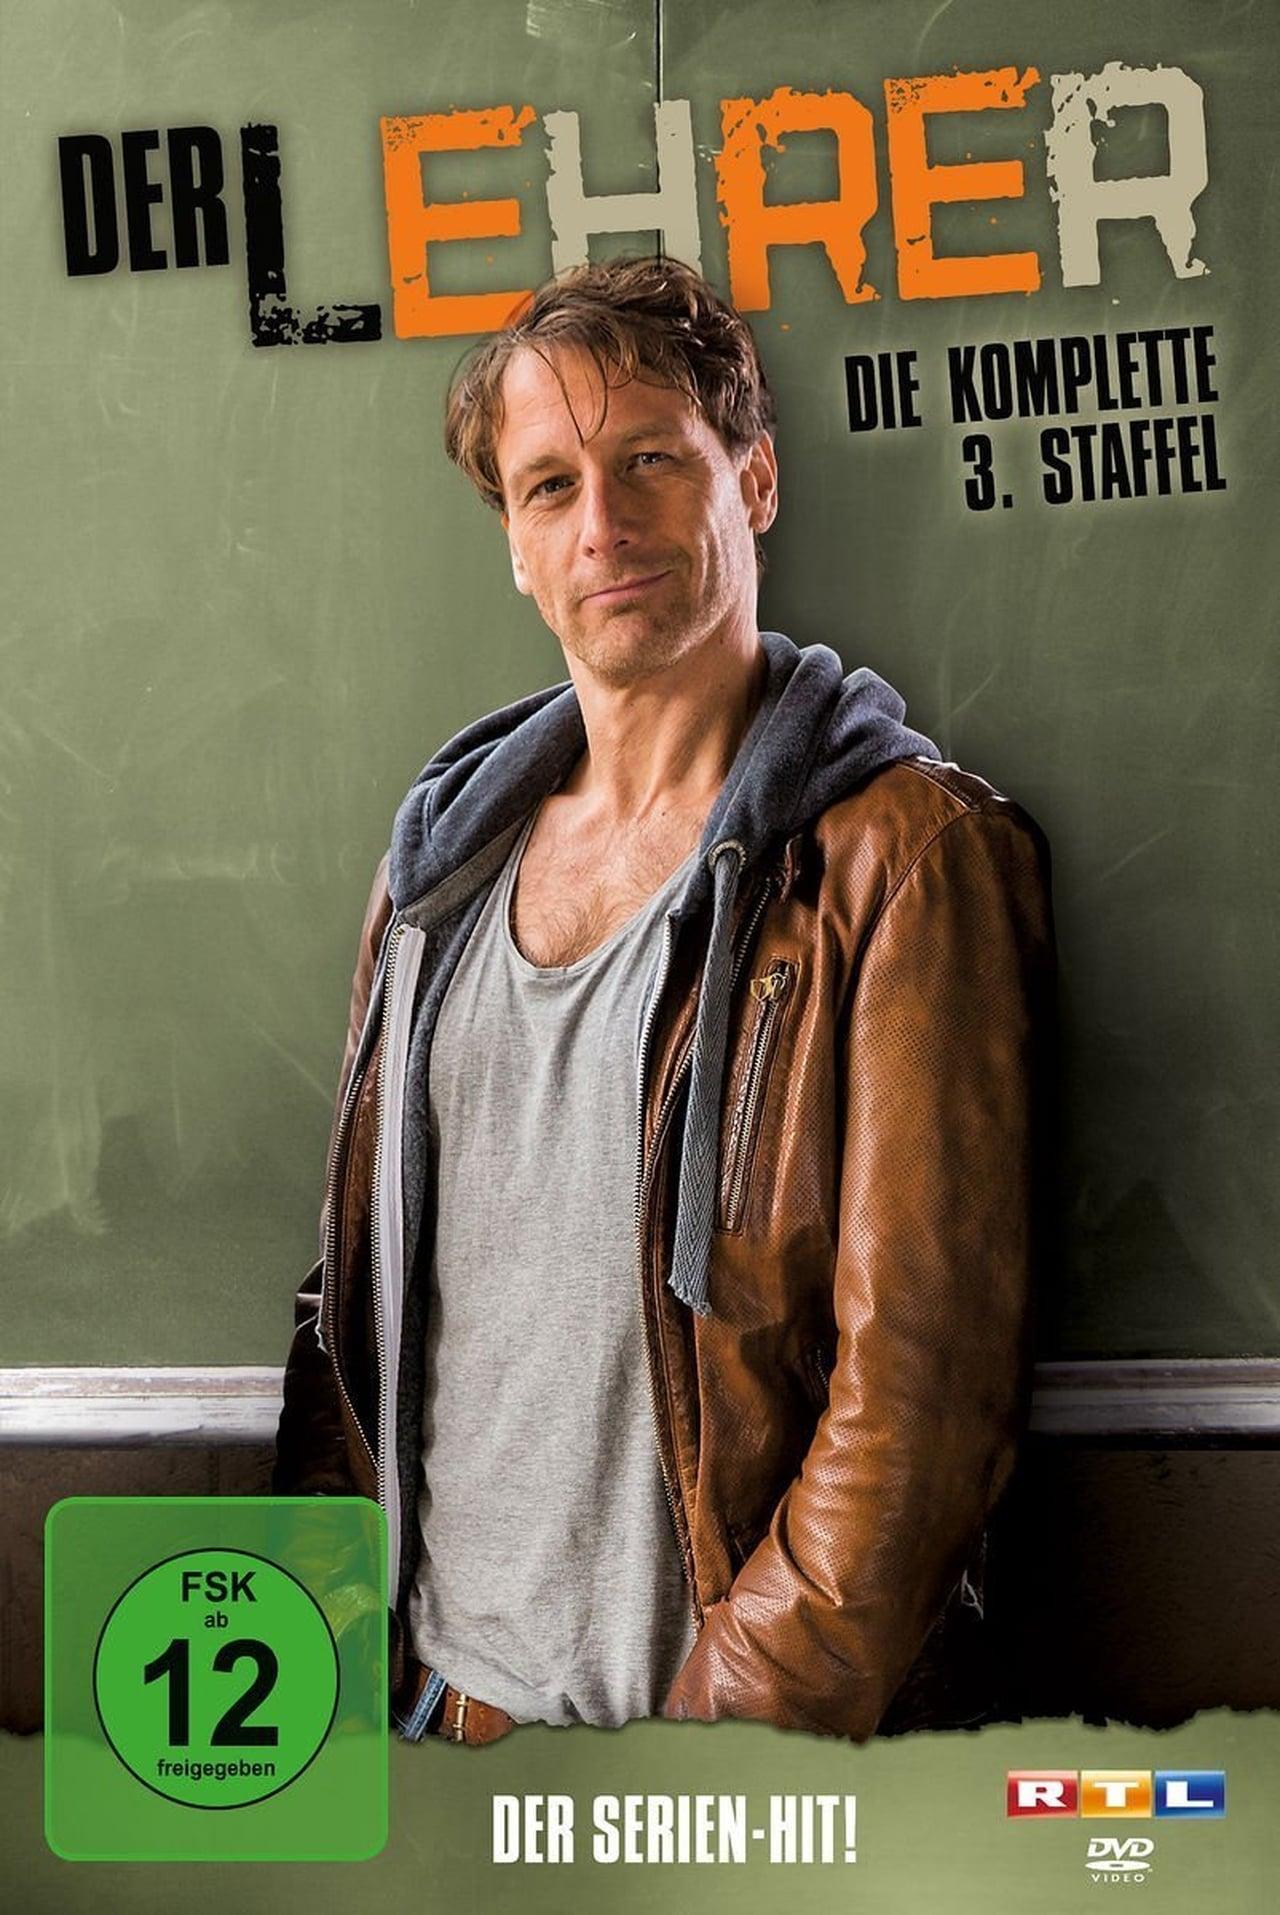 Der Lehrer Season 3